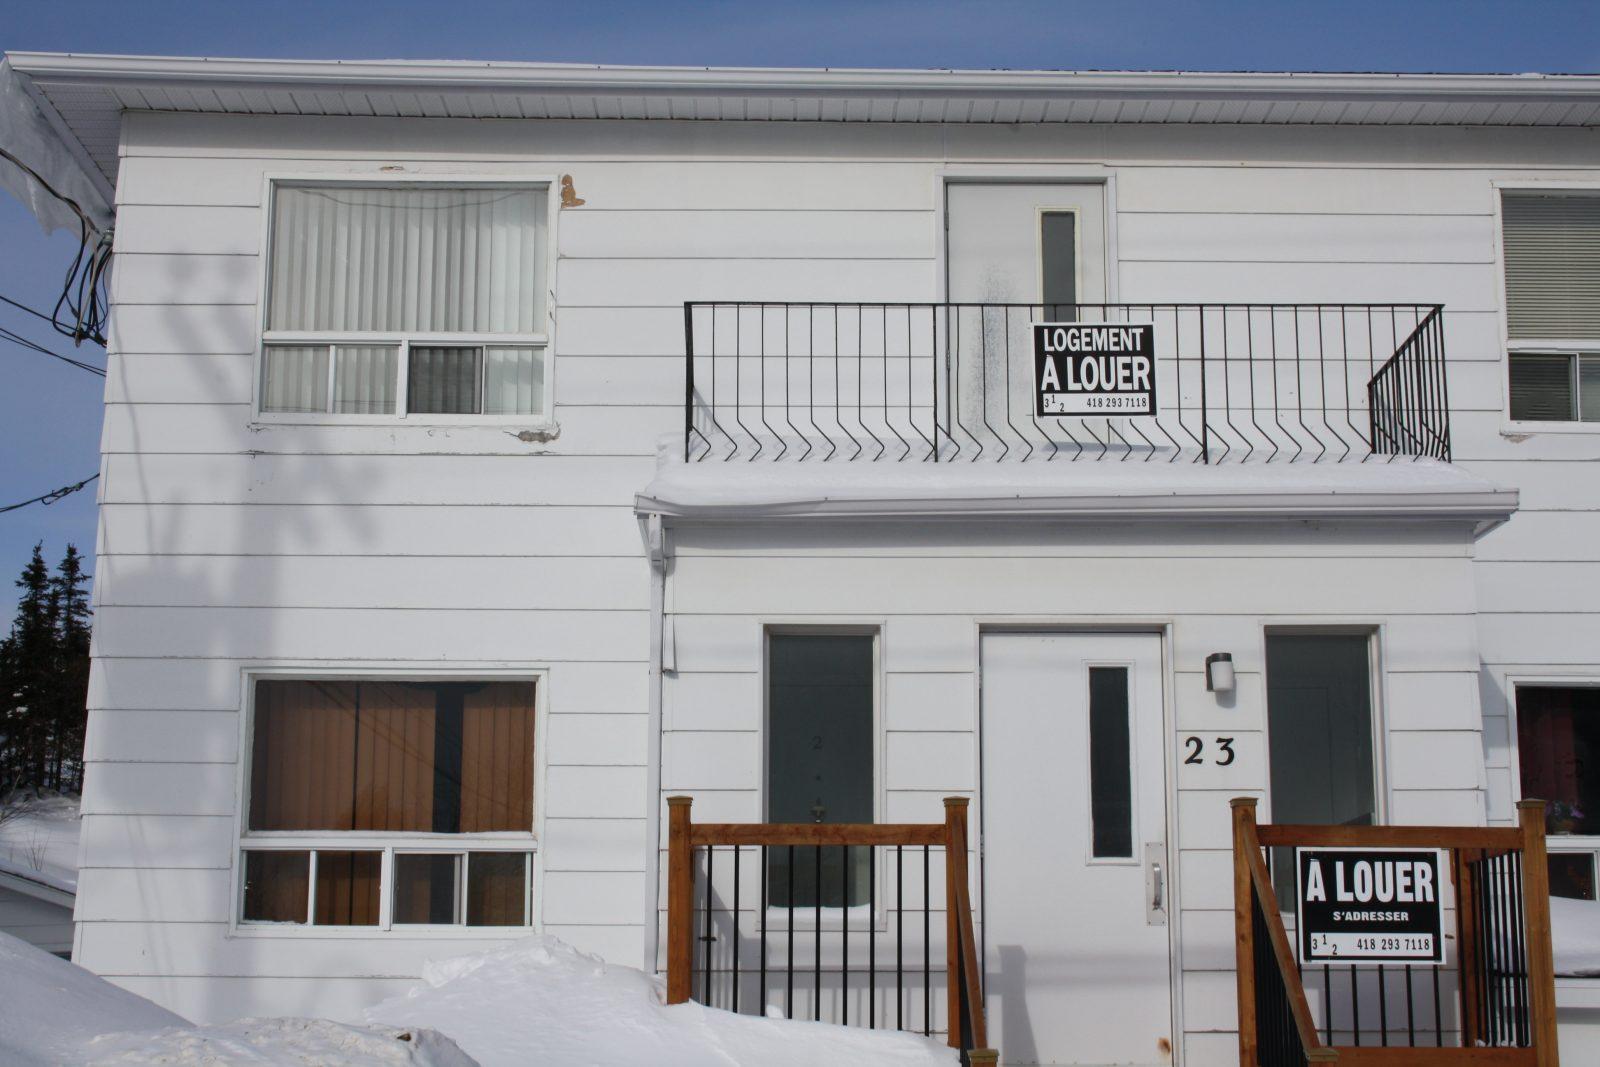 Troisième rang chez les villes de 10 000 à 50 000 habitants – Les logements vacants pullulent à Baie-Comeau